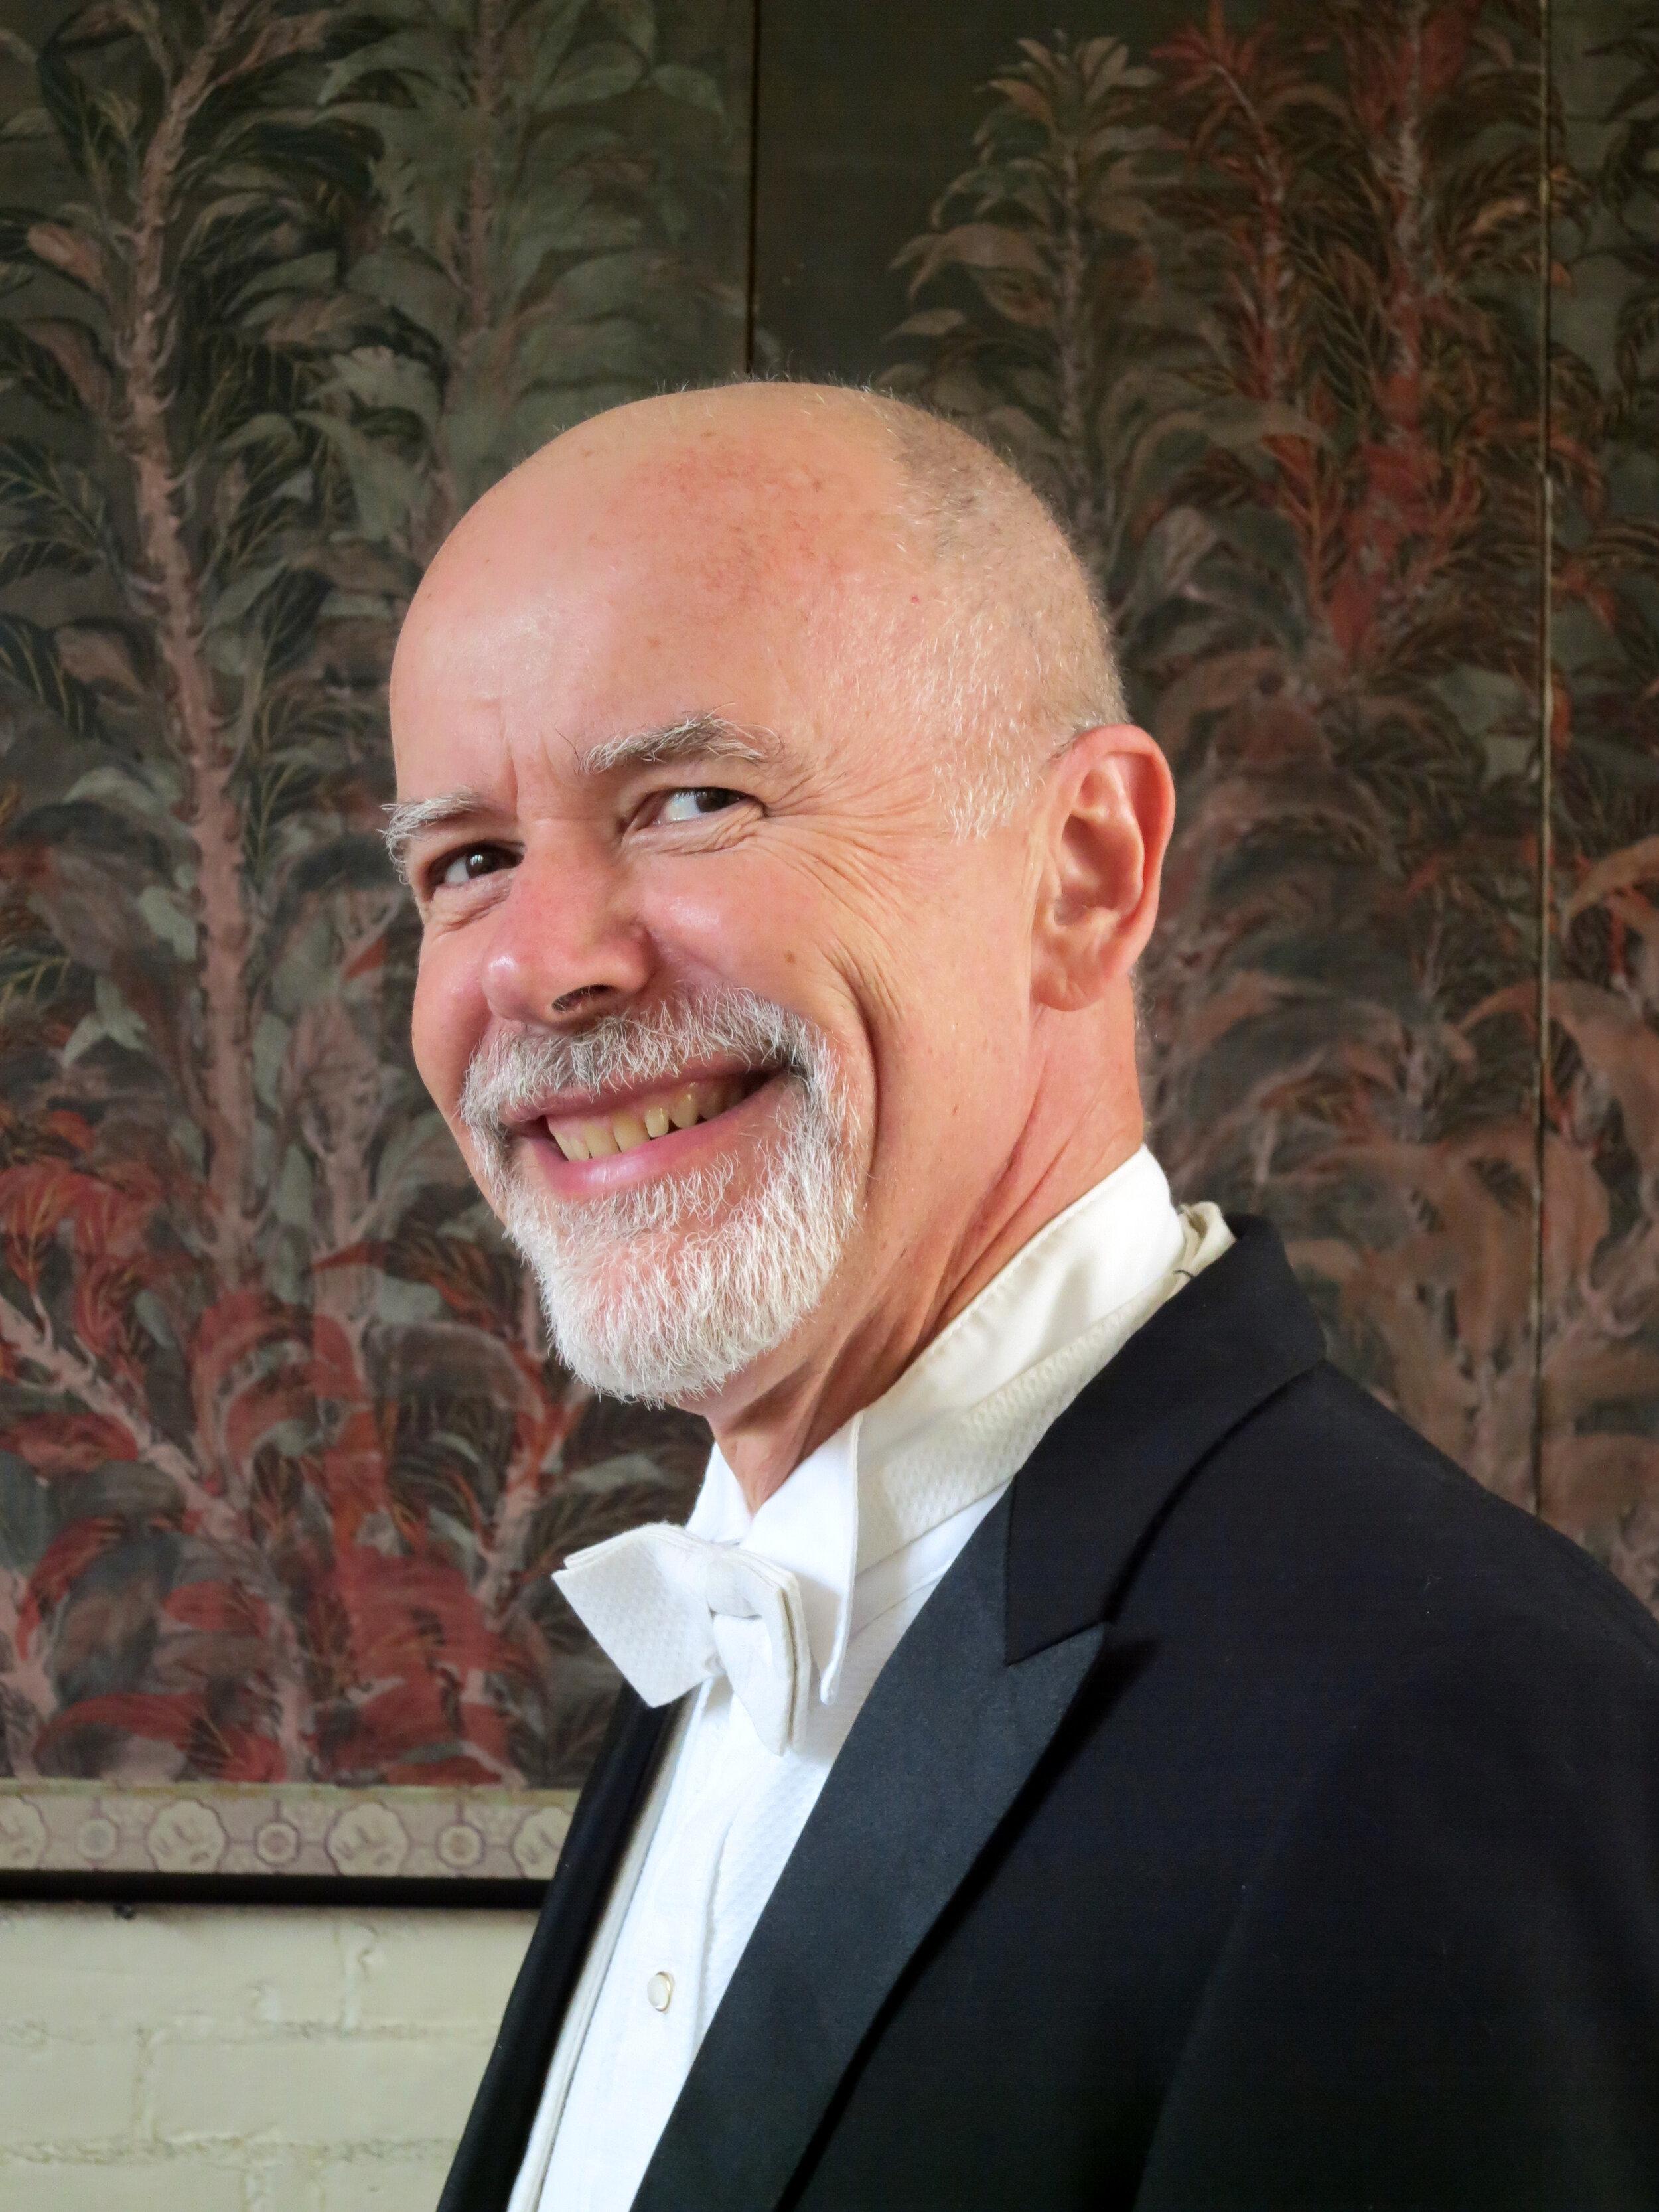 David Feltner